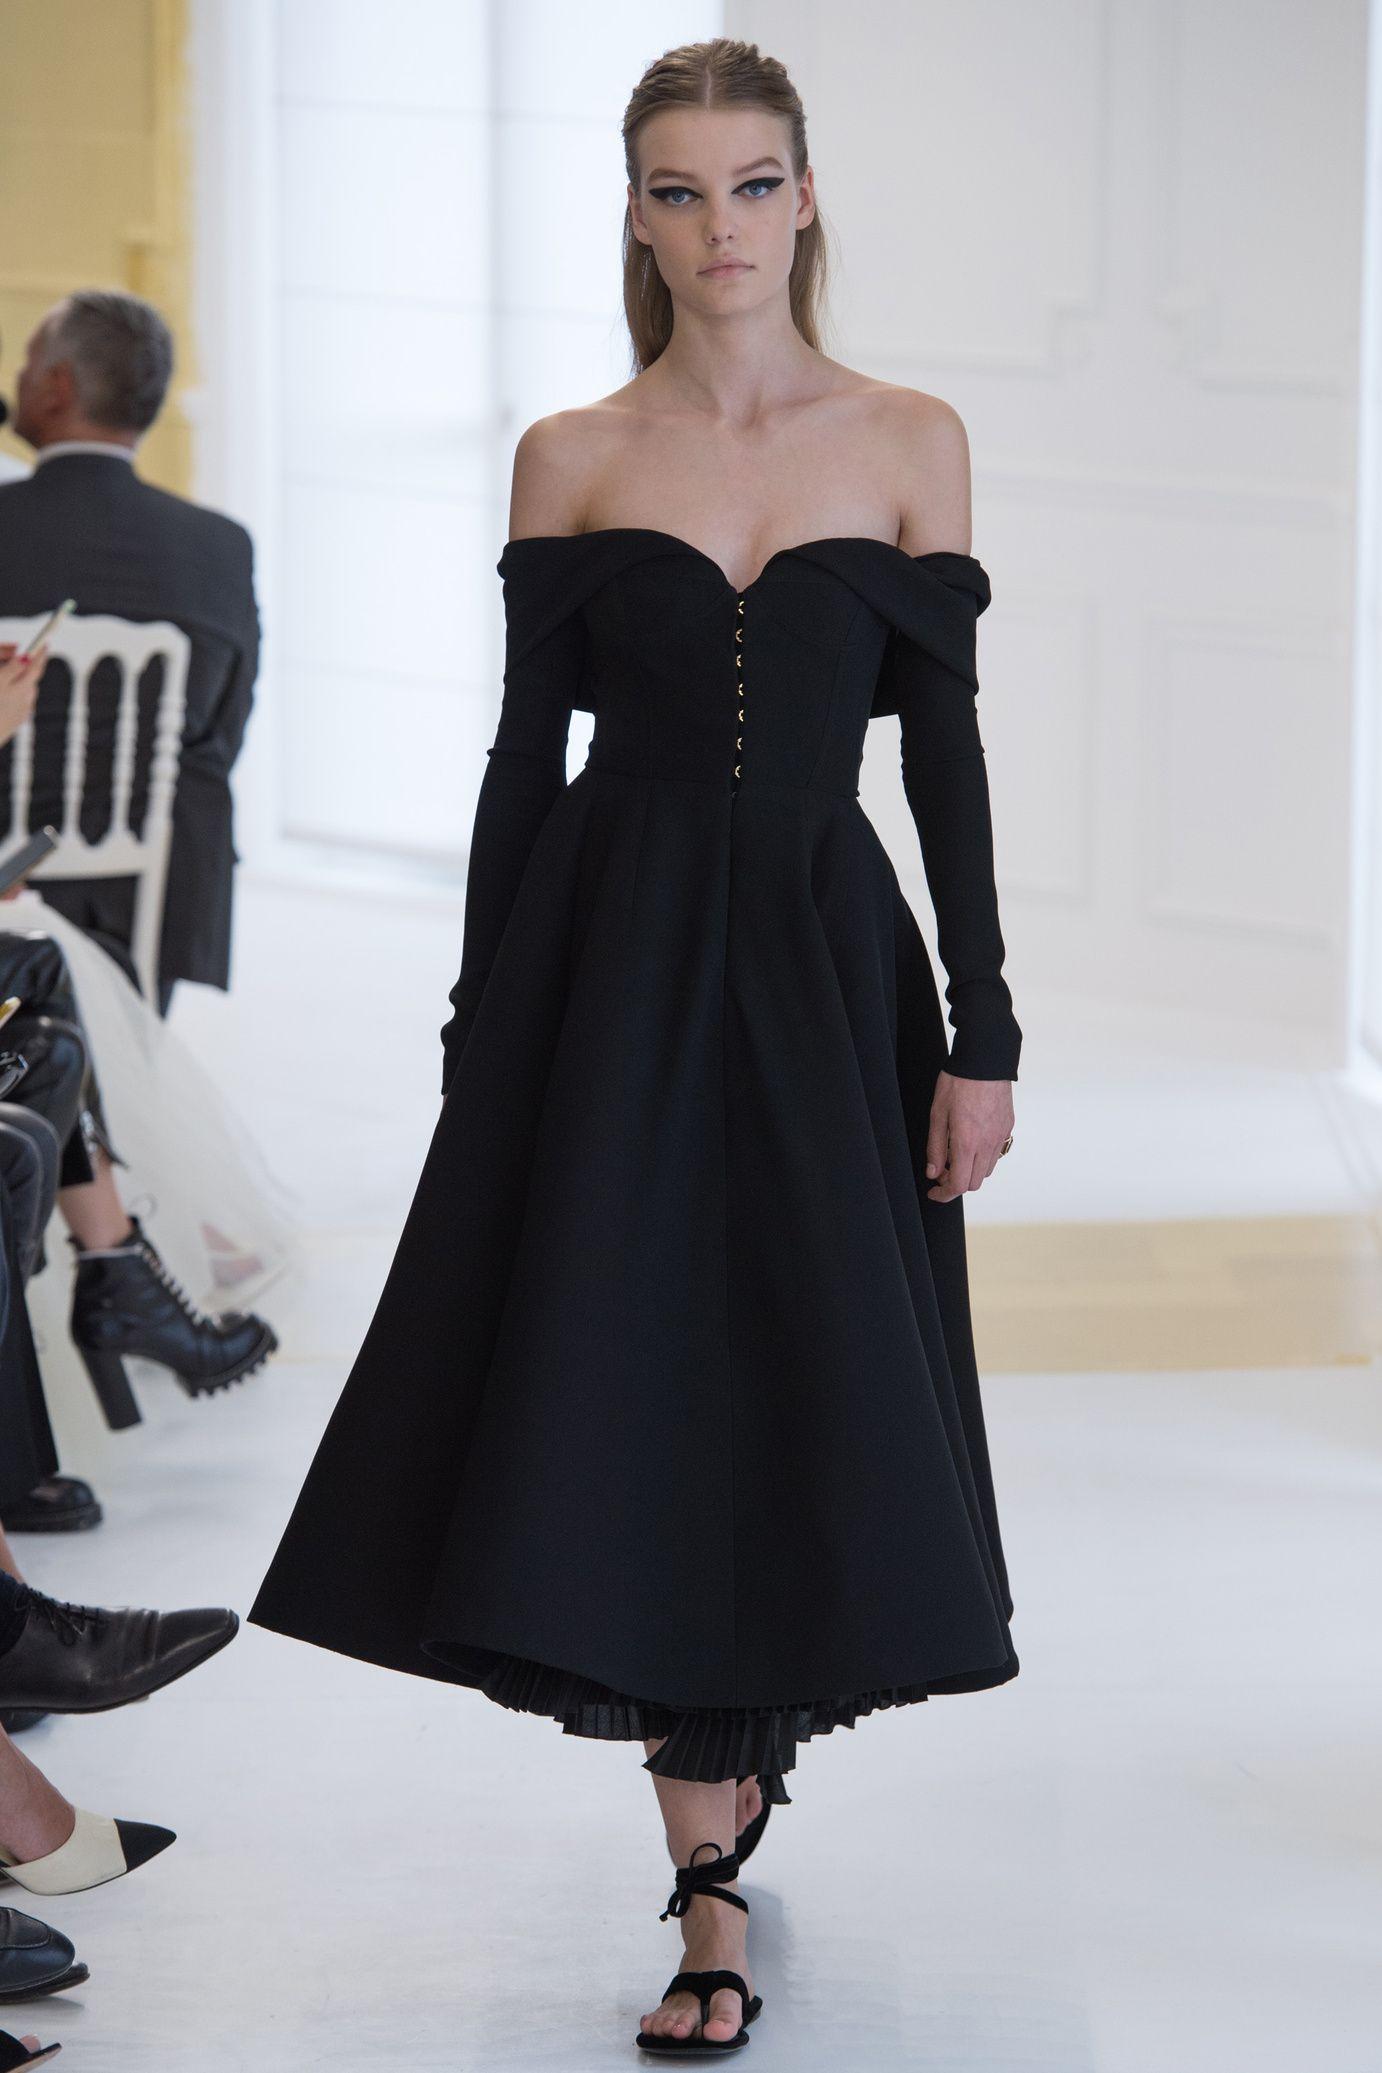 9495ad95f11c4 Robe du soir qui découvre les épaules Défilé Dior Haute Couture automne-hiver  2016-2017